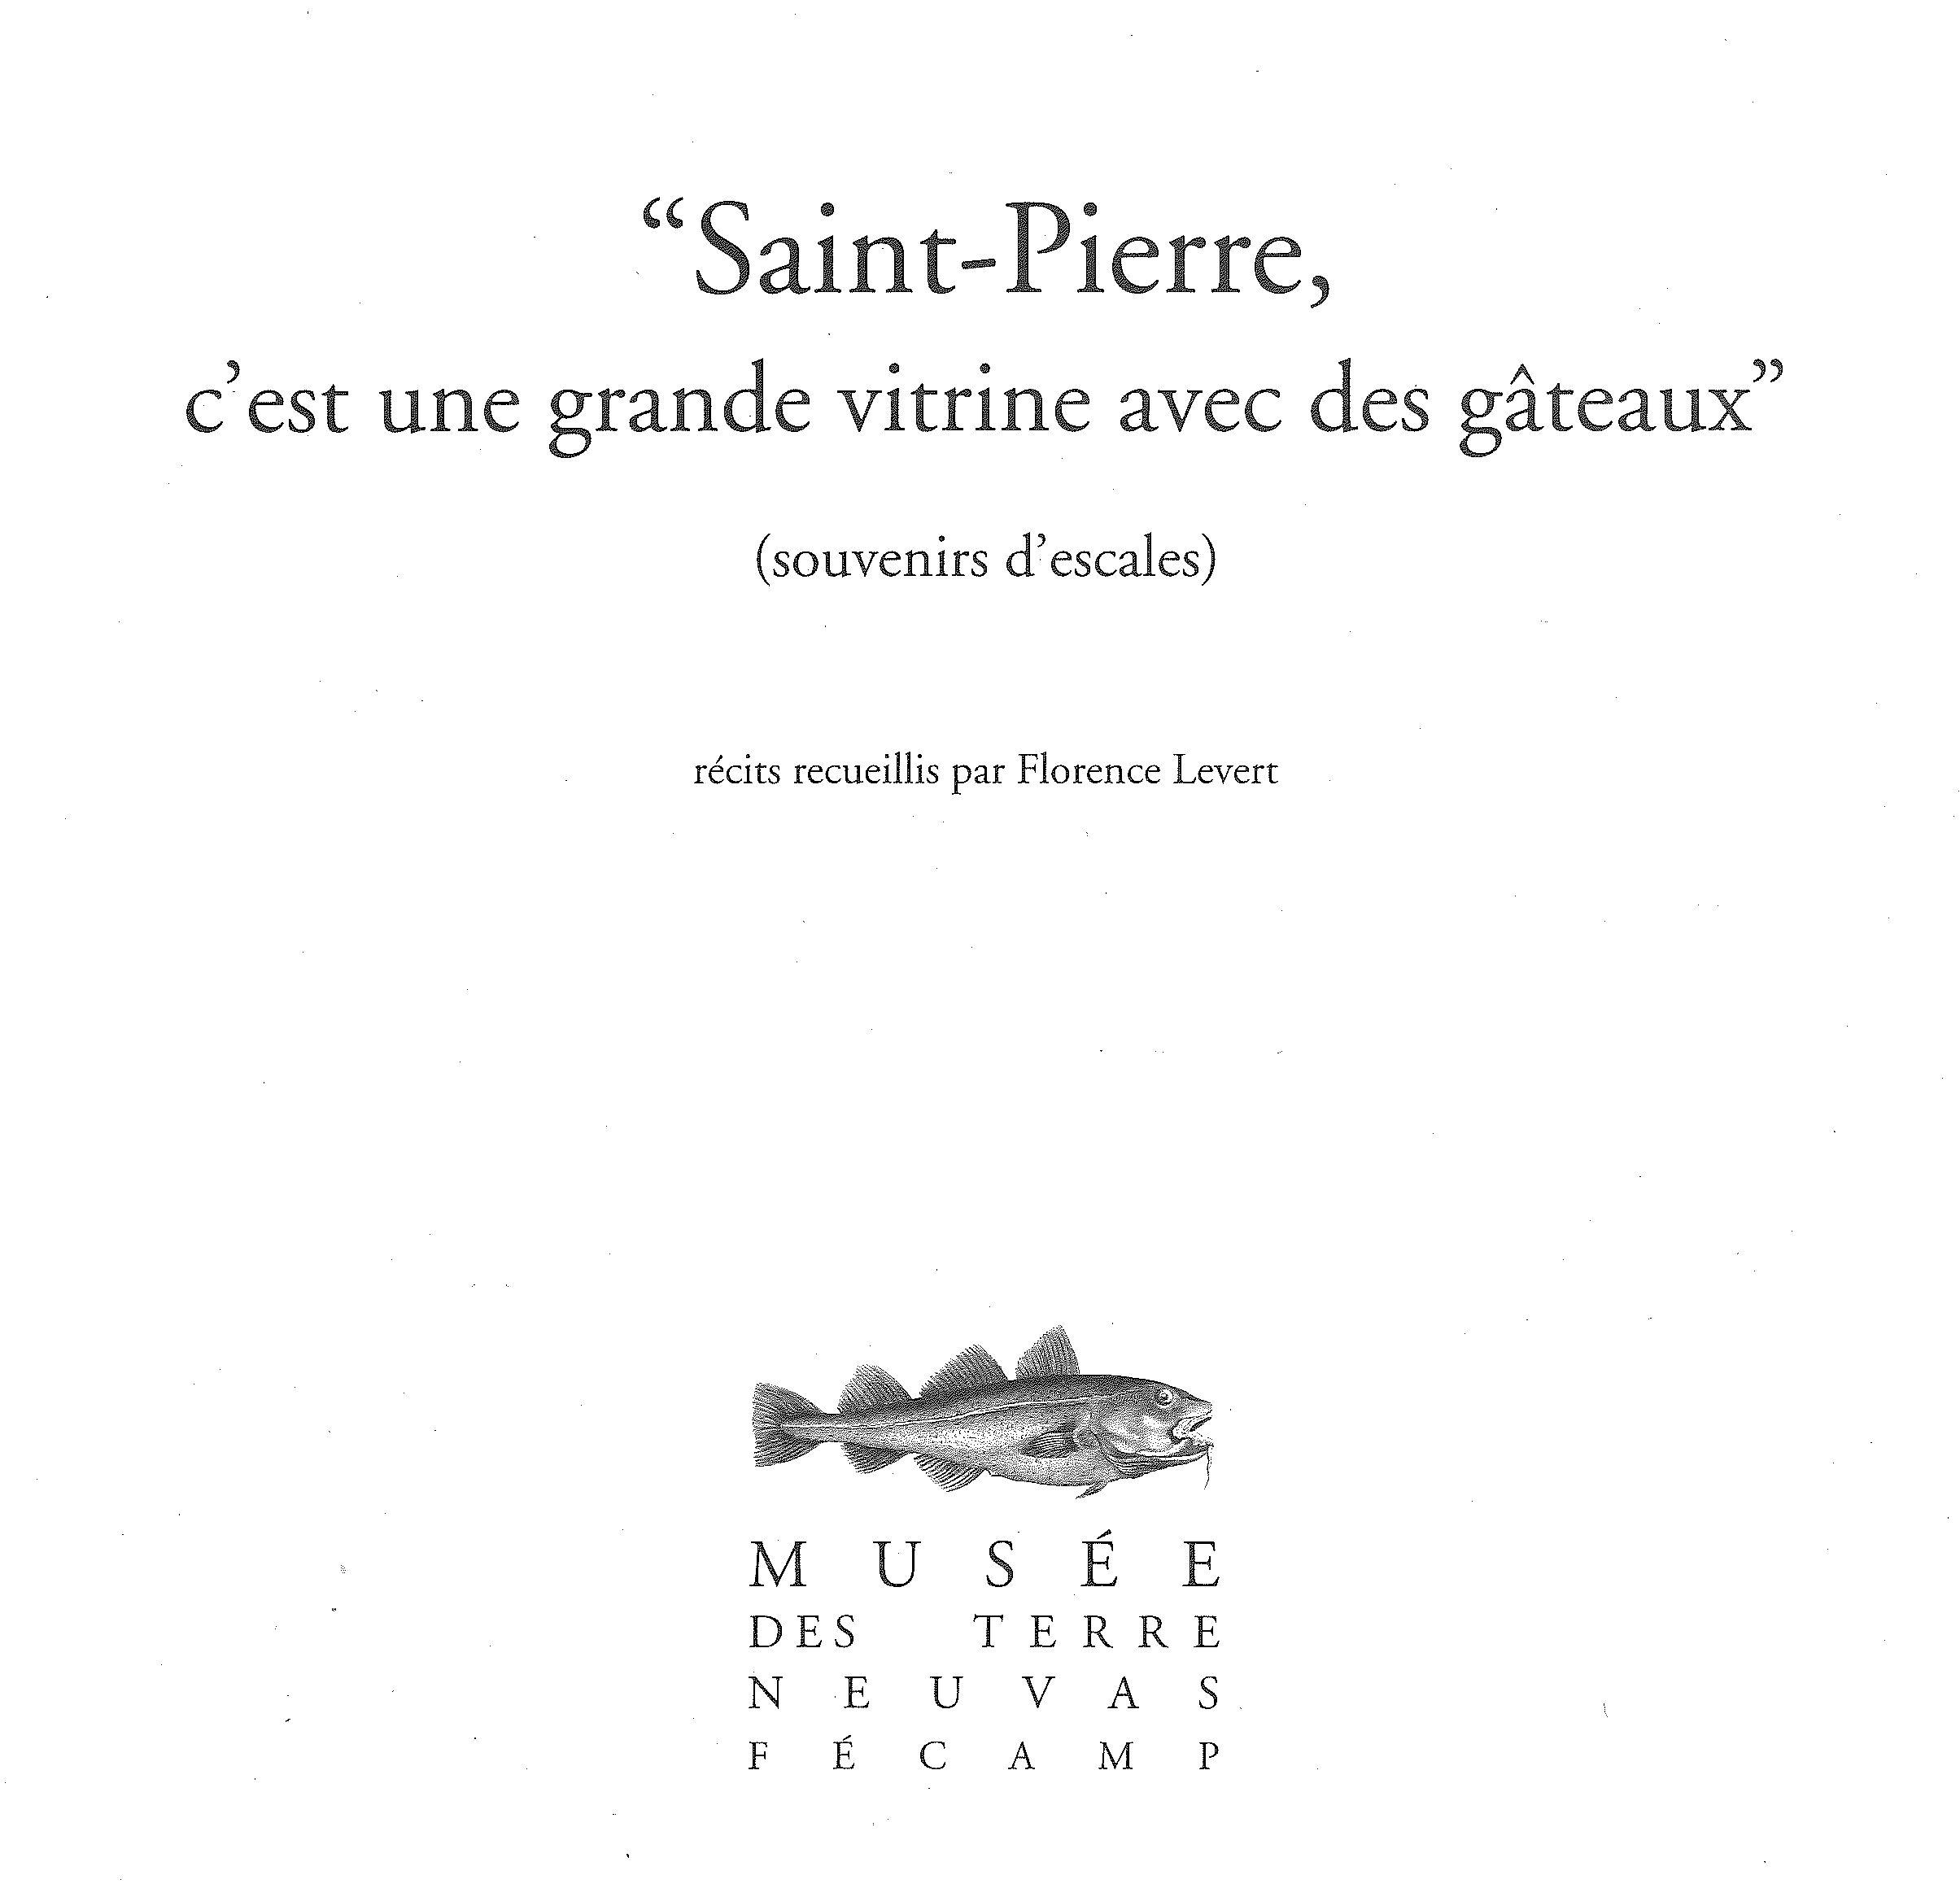 Saint-Pierre, c'est une grande vitrine avec des gâteaux (souvenirs d'escales)